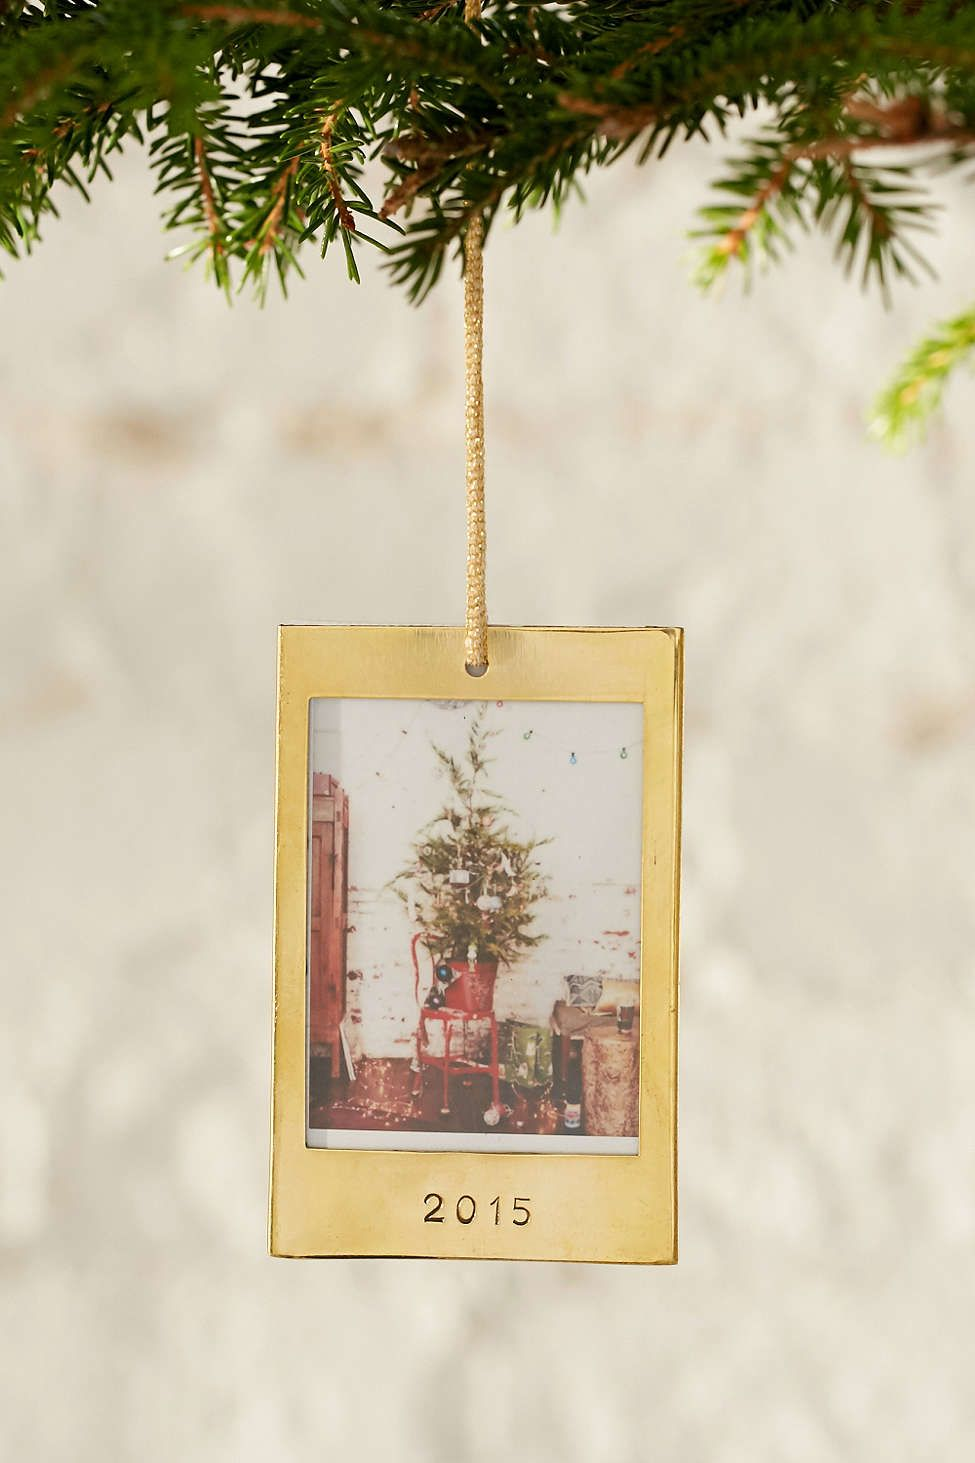 Instax 2015 Frame Ornament | Deko ideen, Weihnachten und Rund ums haus